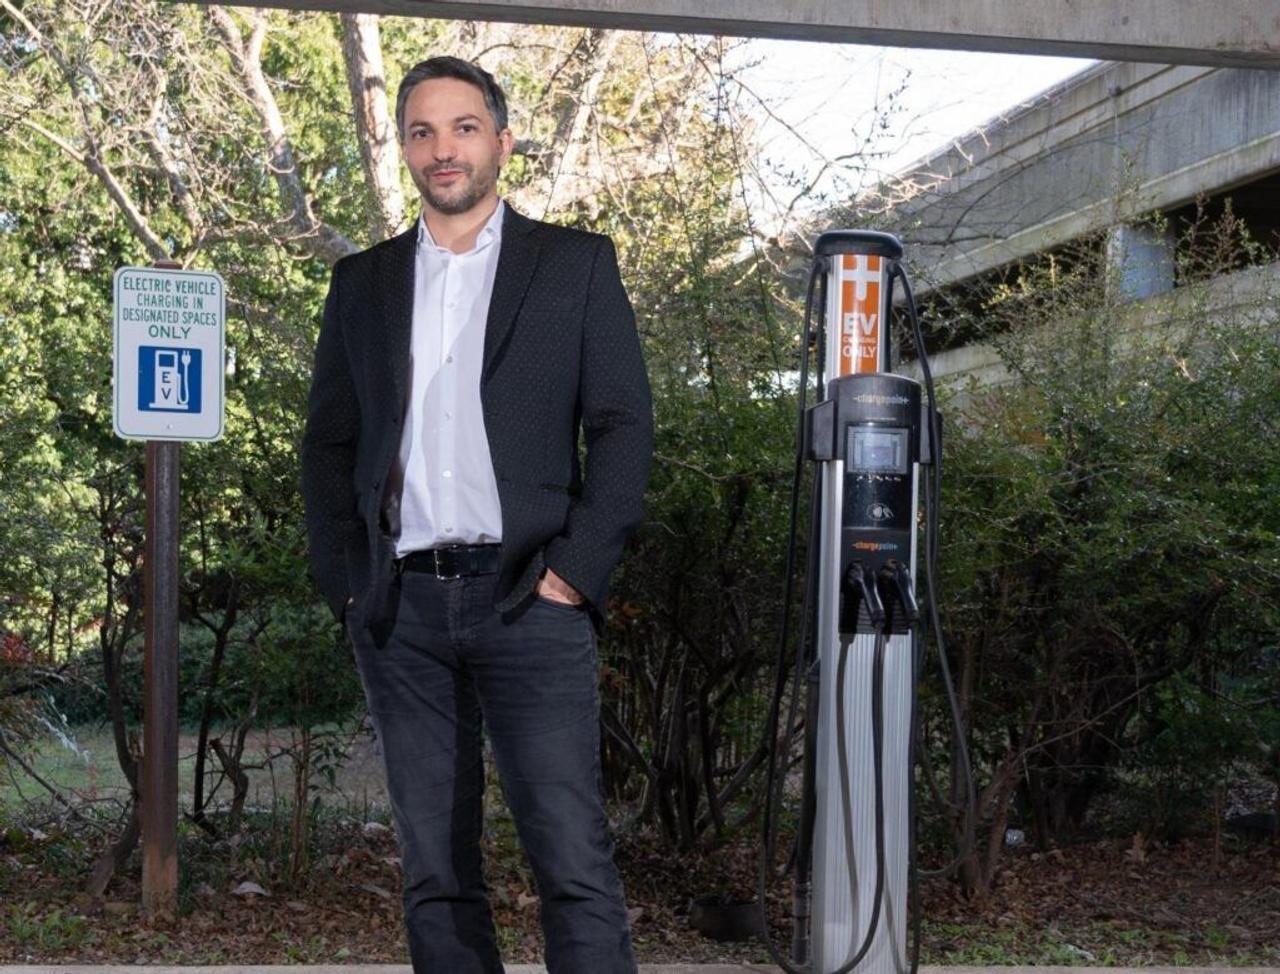 Новая технология твердотельных аккумуляторов для электромобилей делает их более безопасными и дешевыми